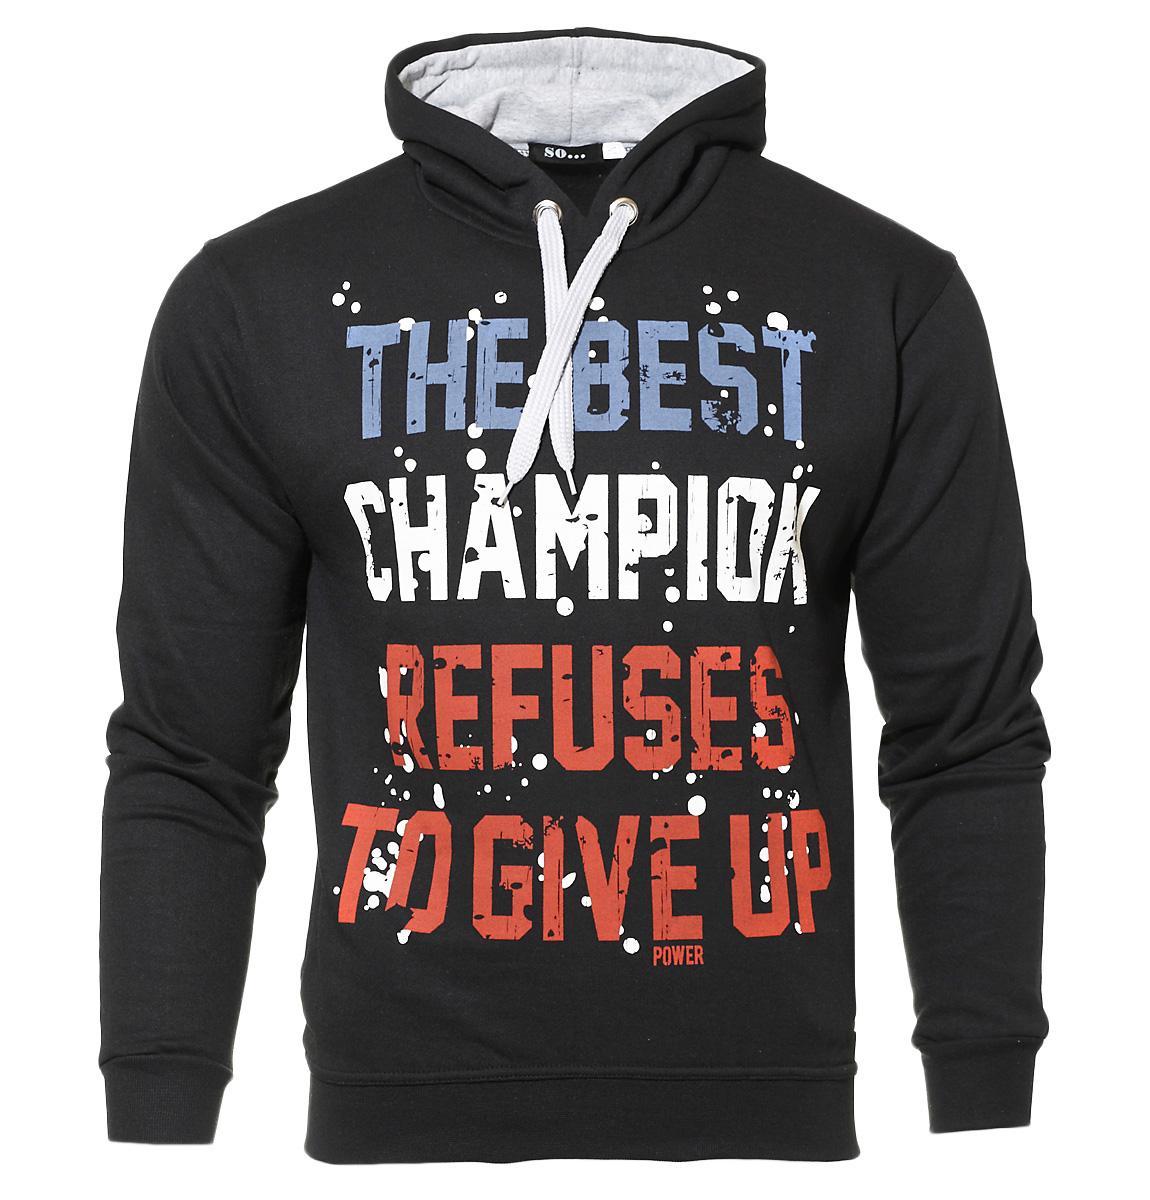 Ανδρικό Φούτερ Champion-Κυπαρισσί αρχική ανδρικά ρούχα φούτερ